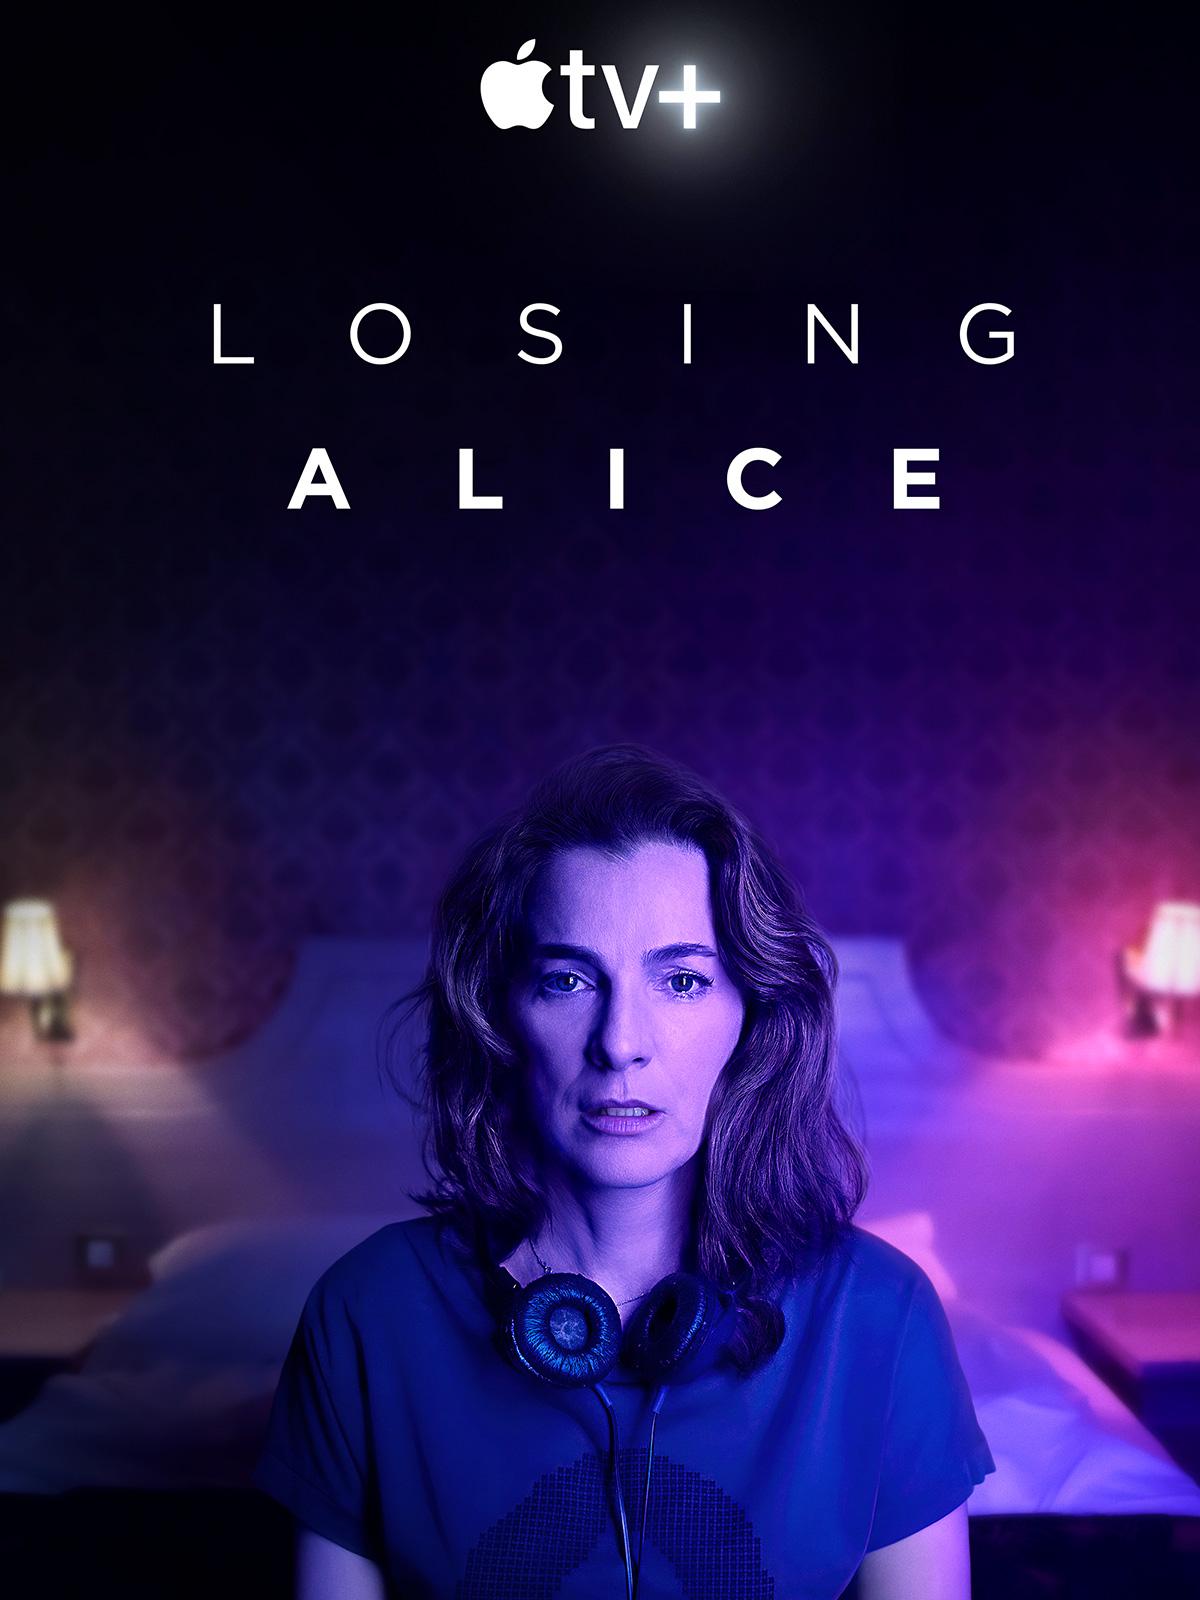 31 - Losing Alice